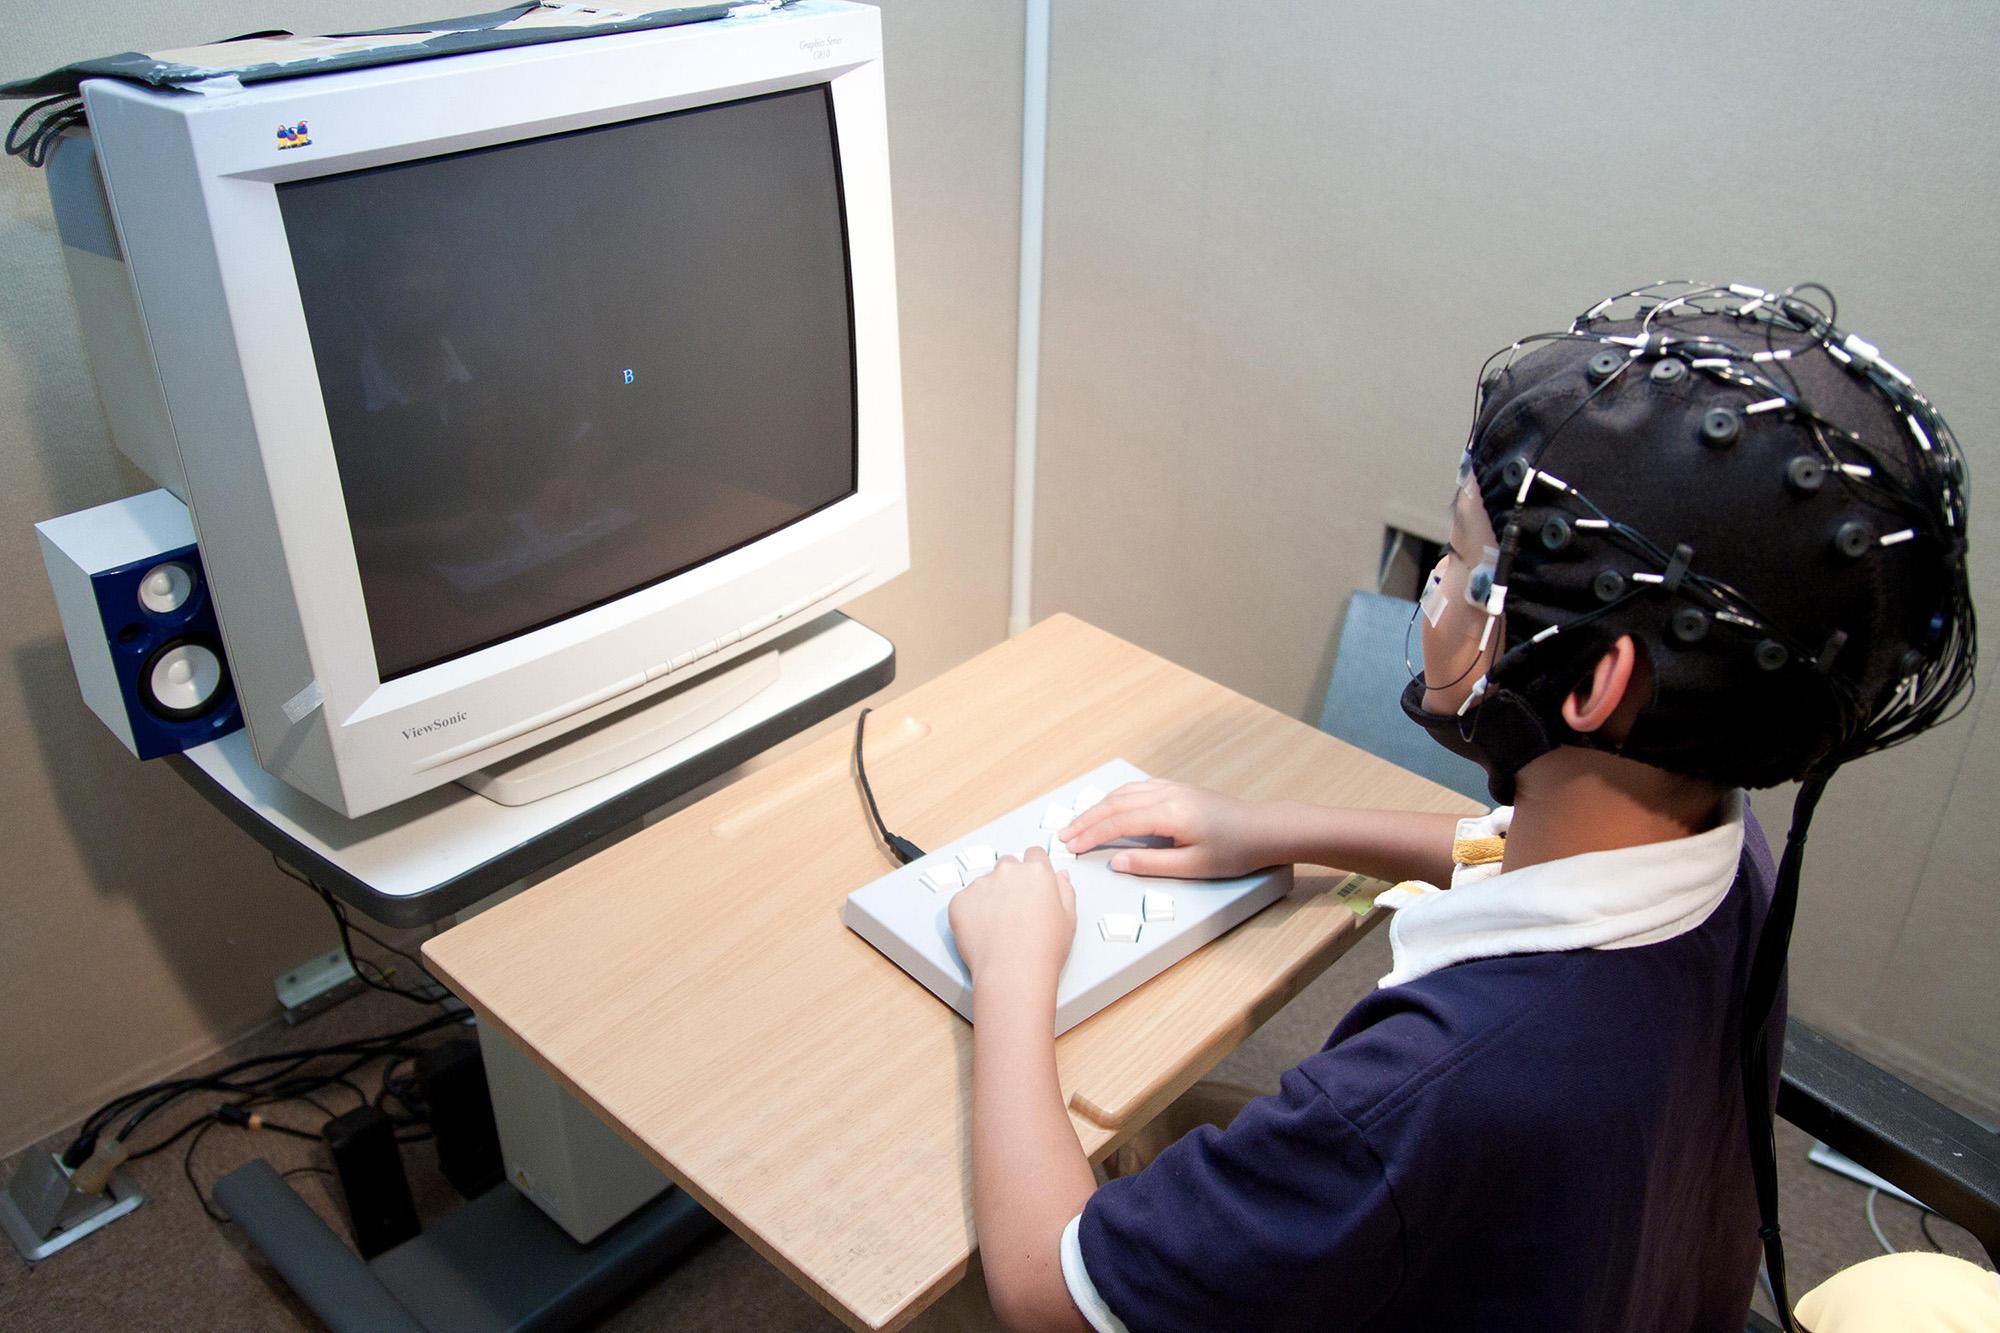 受試者戴著腦波實驗專用帽,看著電腦螢幕按按鍵、或是玩遊戲,藉此收集大腦的反應數據。圖│大腦與語言實驗室